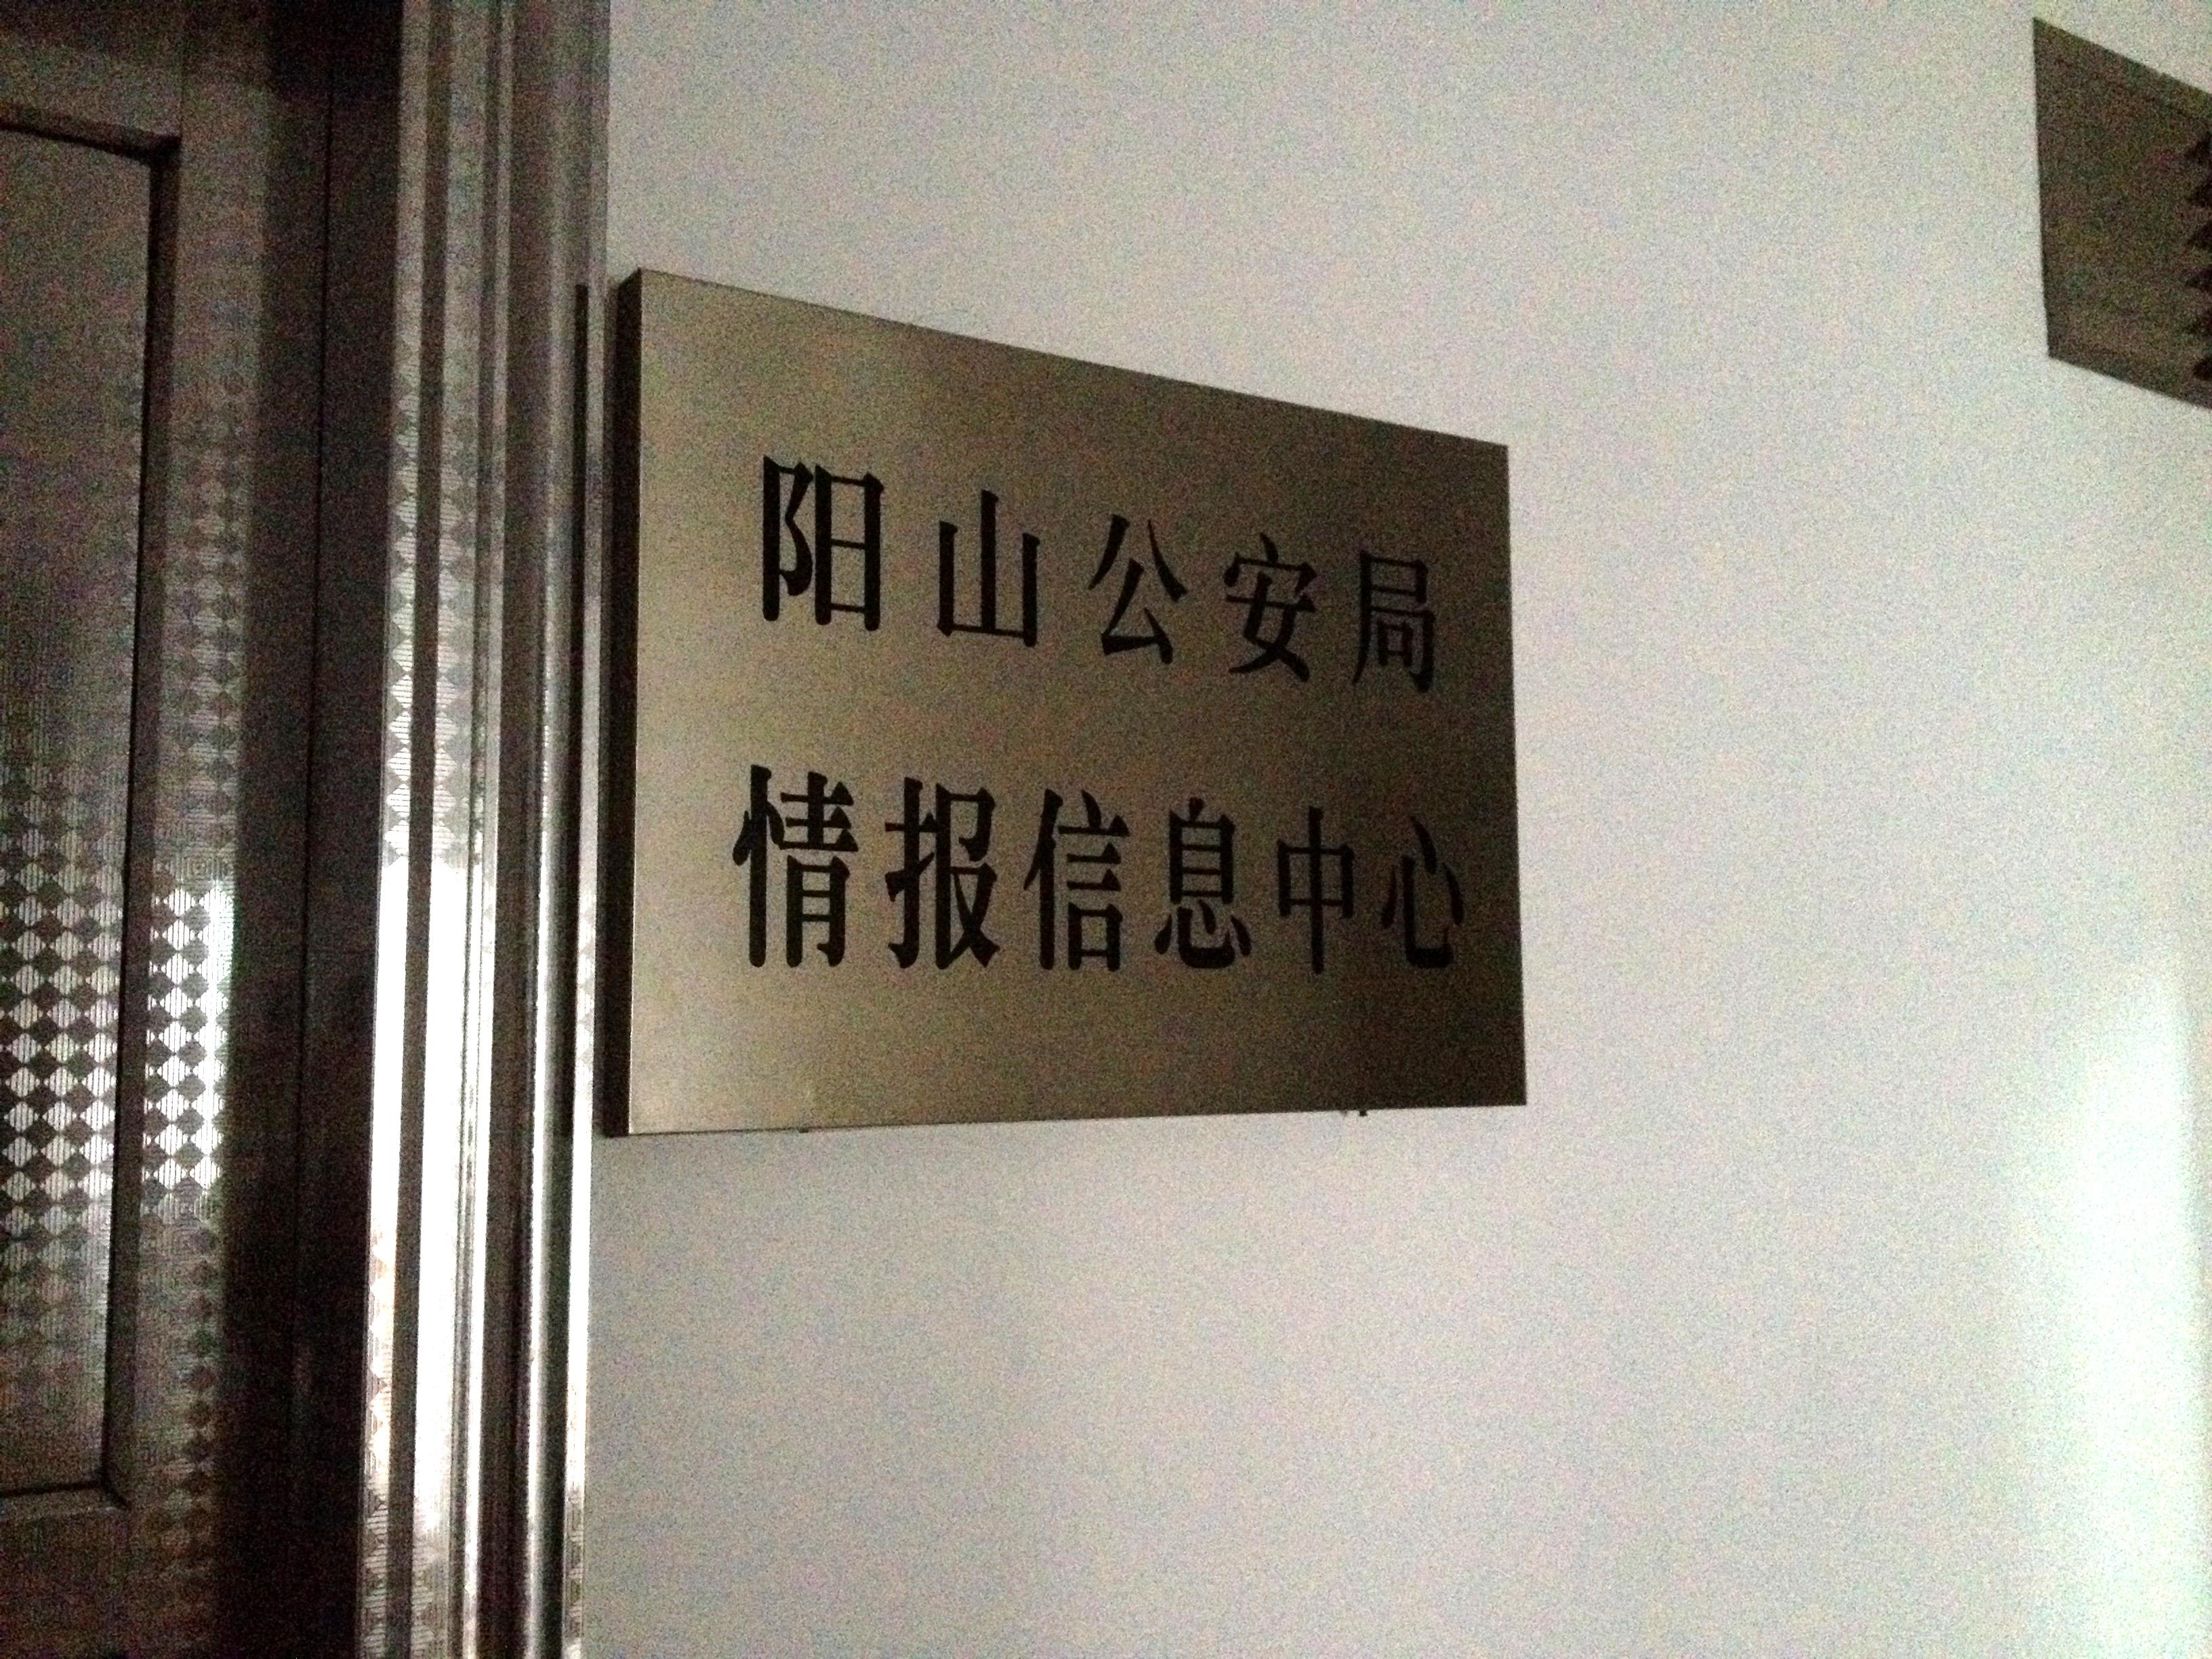 京邦电子(KING-BANG)为阳山公安局情报信息中心会议室建设智能保密会议系统